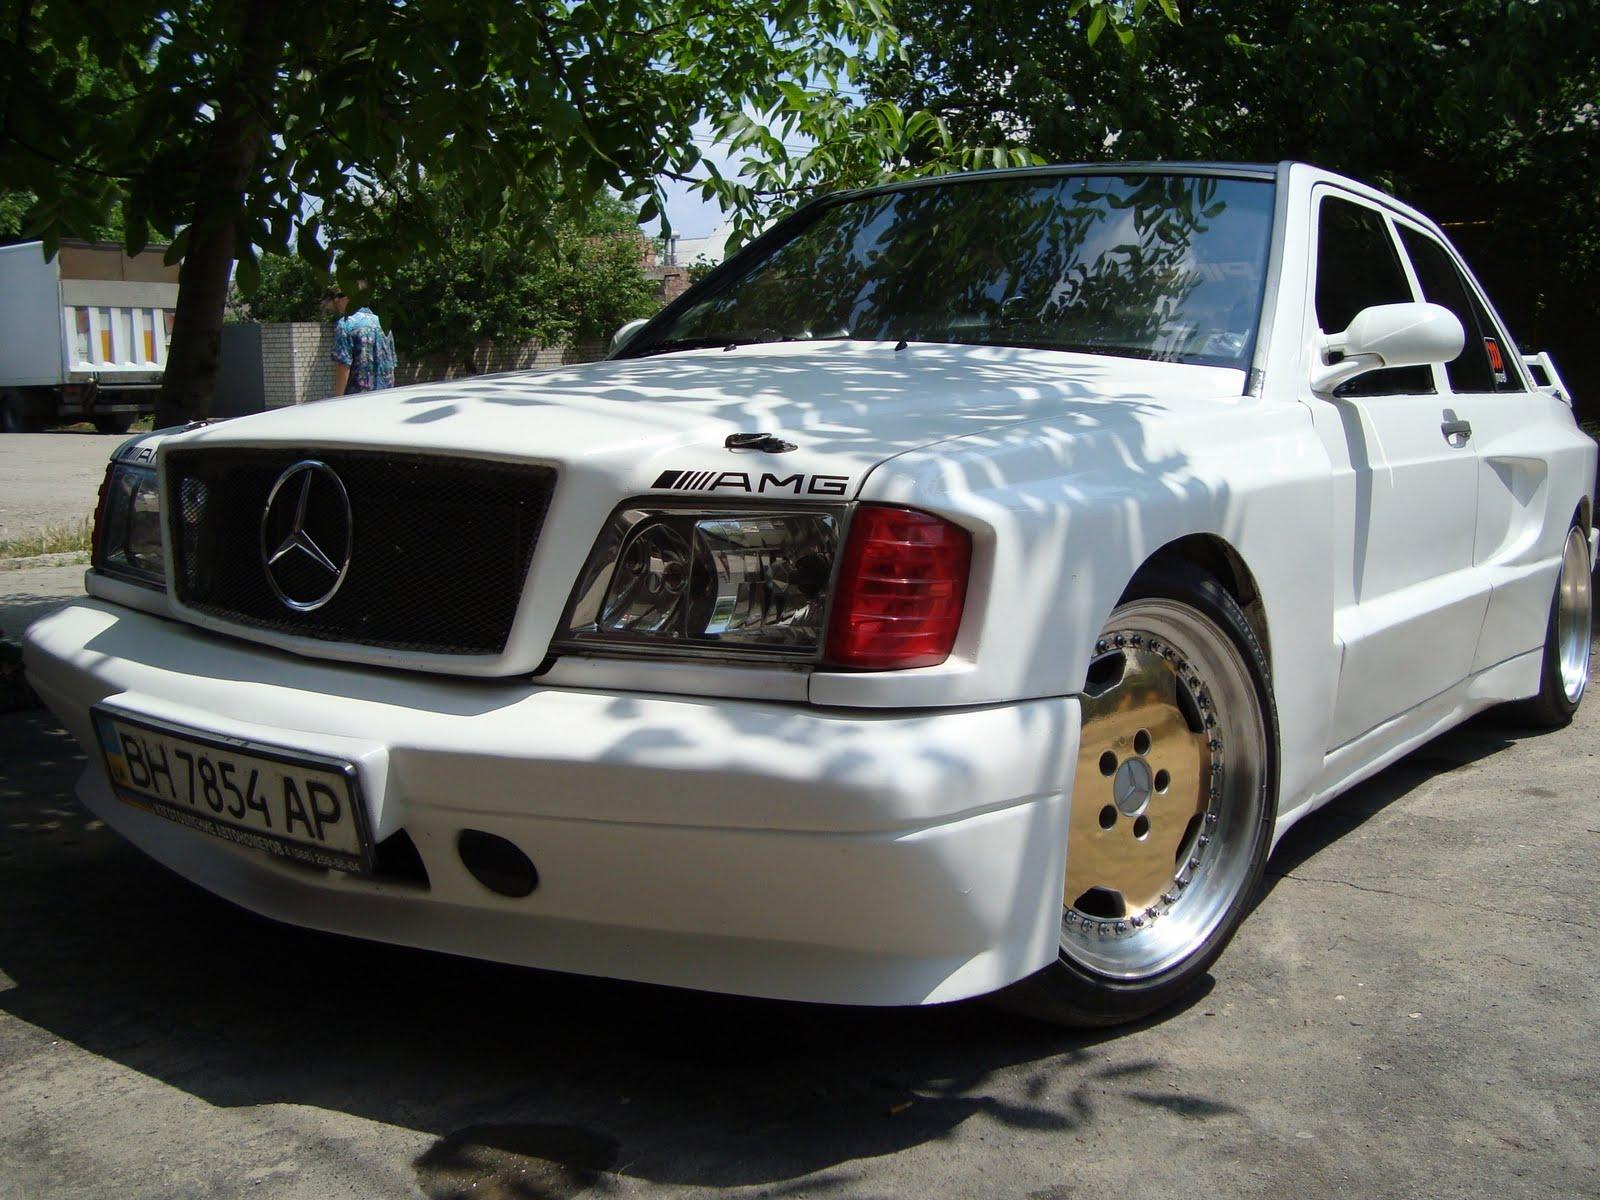 http://1.bp.blogspot.com/-3wdlUblqpq0/Tf277WHkUgI/AAAAAAAAB88/26SXj4h0368/s1600/Mercedes_190e_2.0_w201_widebody_1.jpg